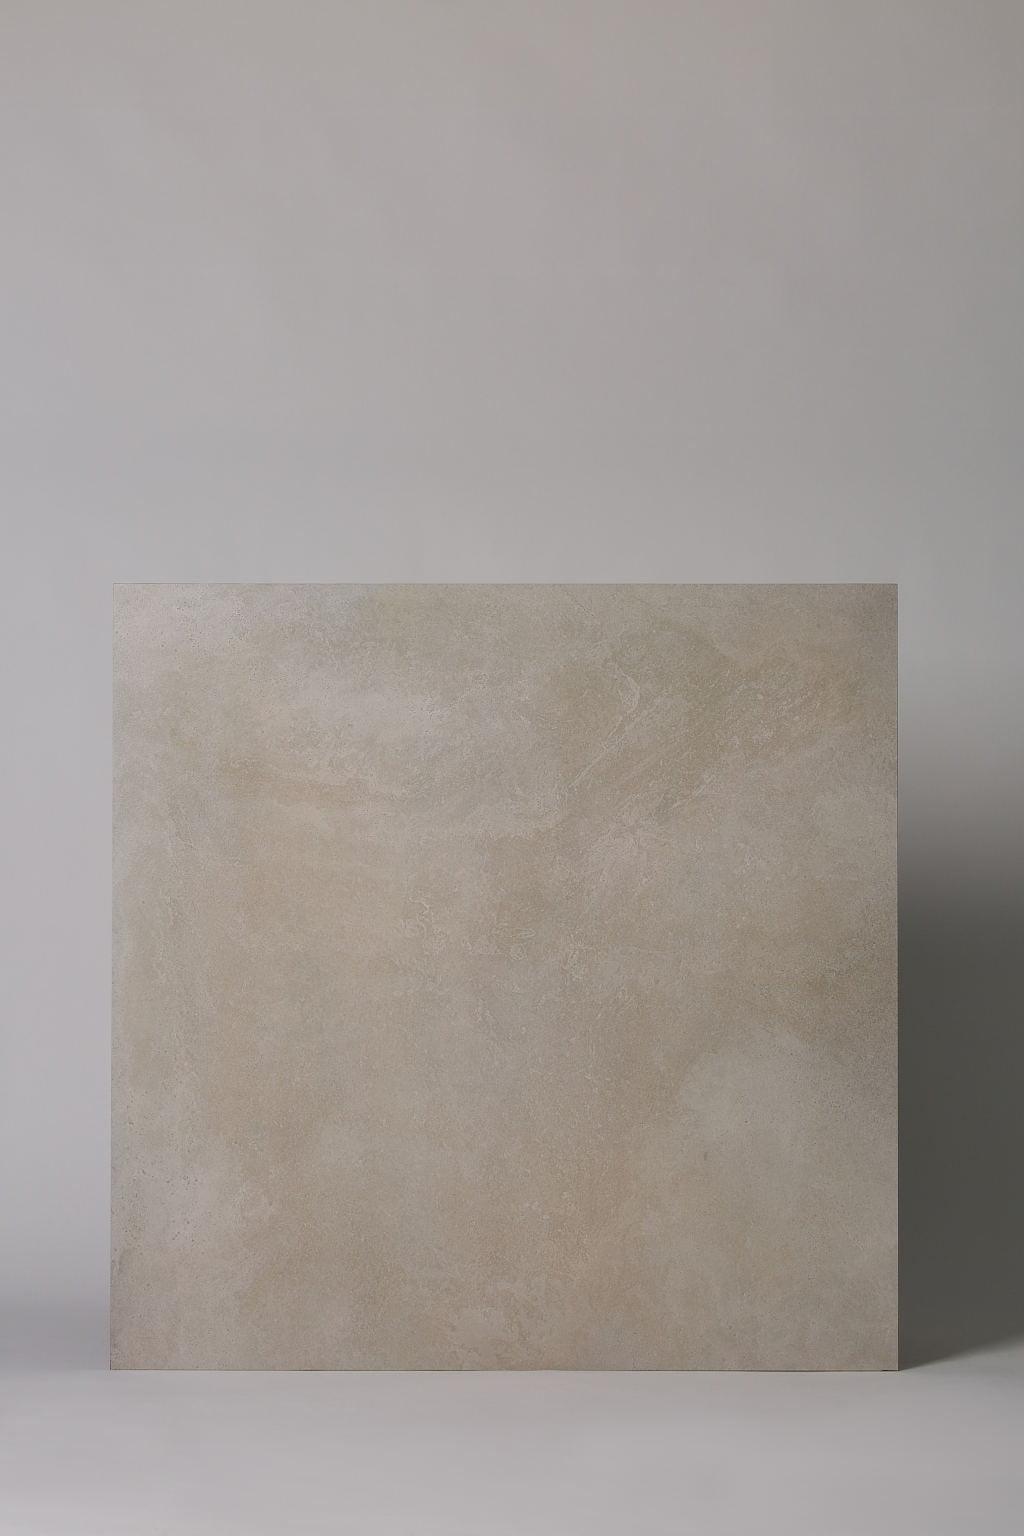 Płytka włoska, gresowa, rektyfikowana, mrozoodporna, podłoga, taras, matowa, rozmiar 81x81cm - COTTO PETRUS Emotion blanc